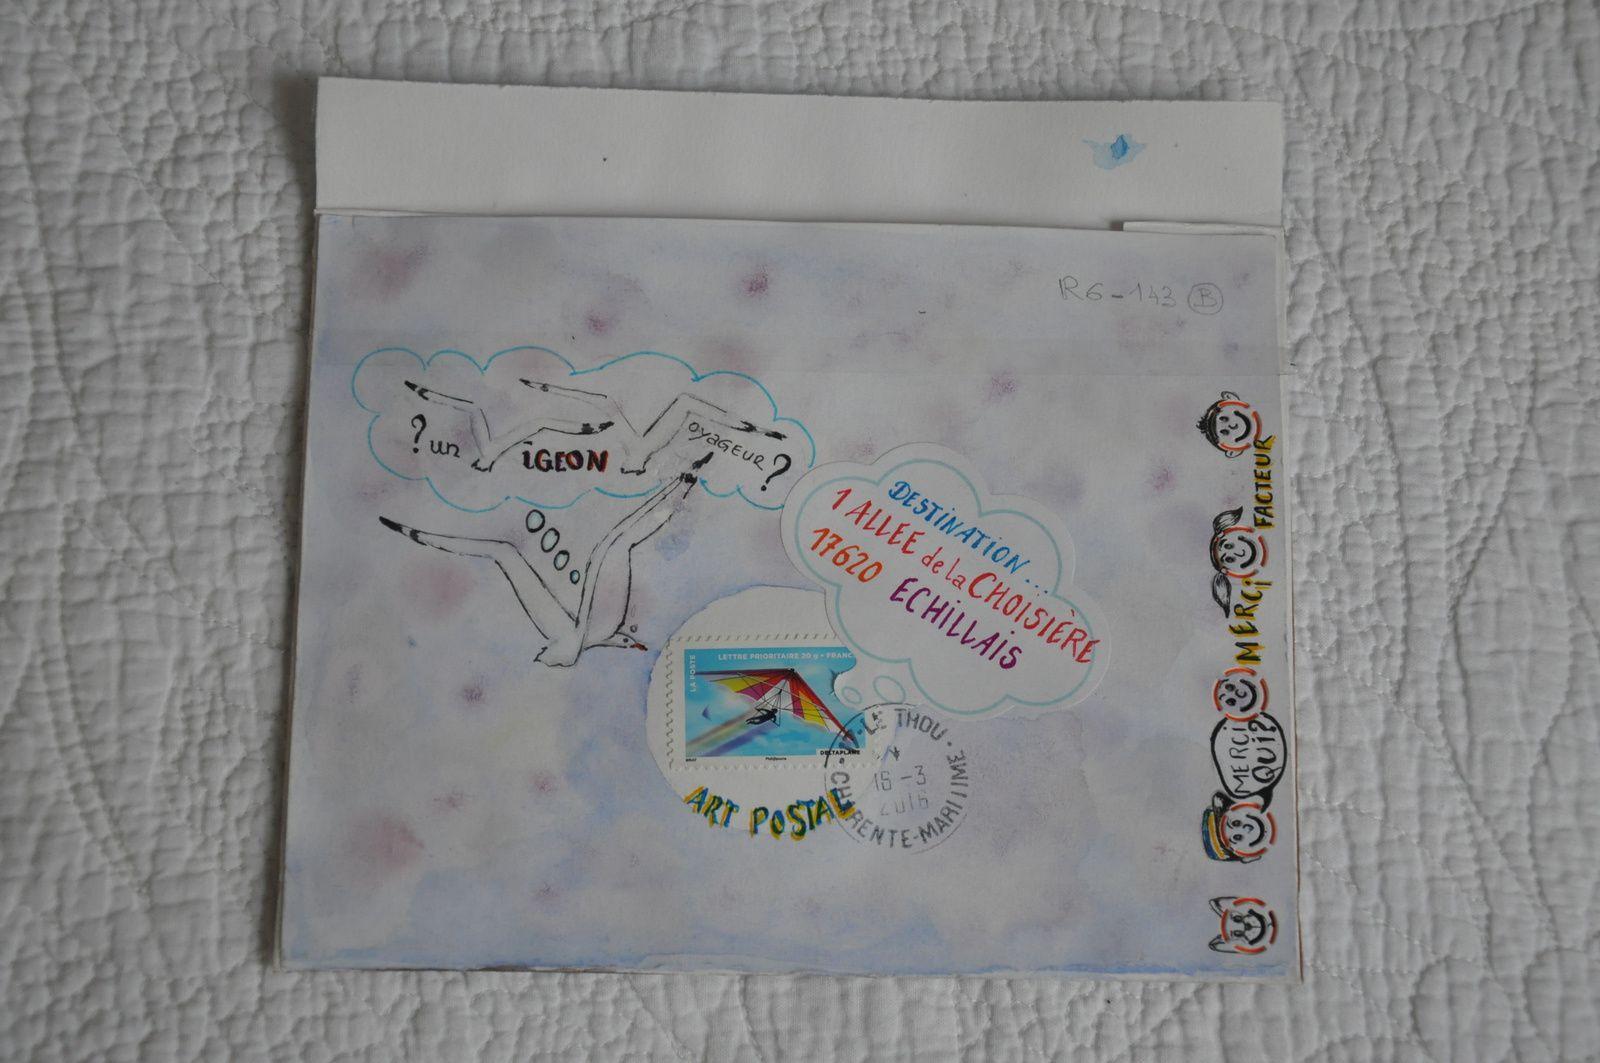 C'est toujours un immense plaisir de recevoir un Mail-ARt de Corinne Vitasse! BRAVO l'artiste et merci!